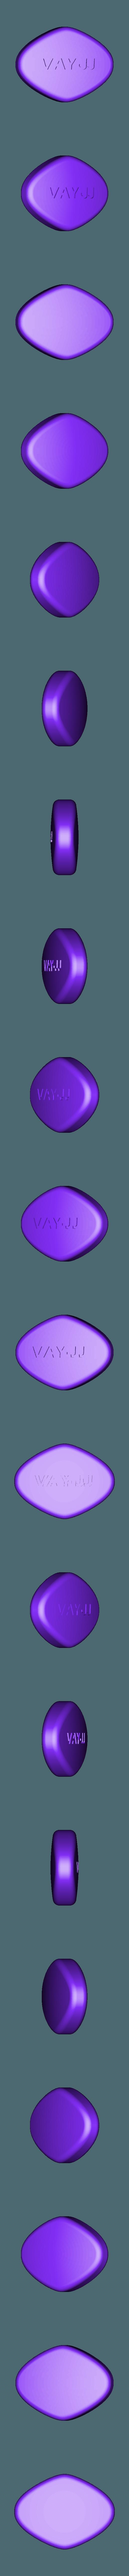 Big_Blue_Pill_-_VAY-J-J.stl Télécharger fichier STL gratuit La grande pilule bleue v2 • Objet imprimable en 3D, michelj